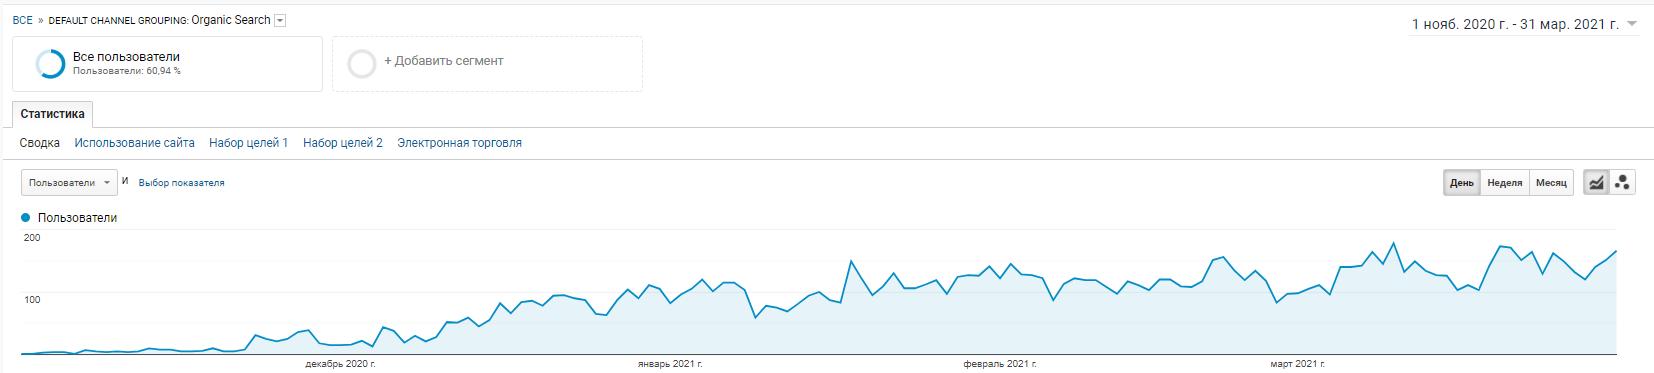 Truecost website traffic